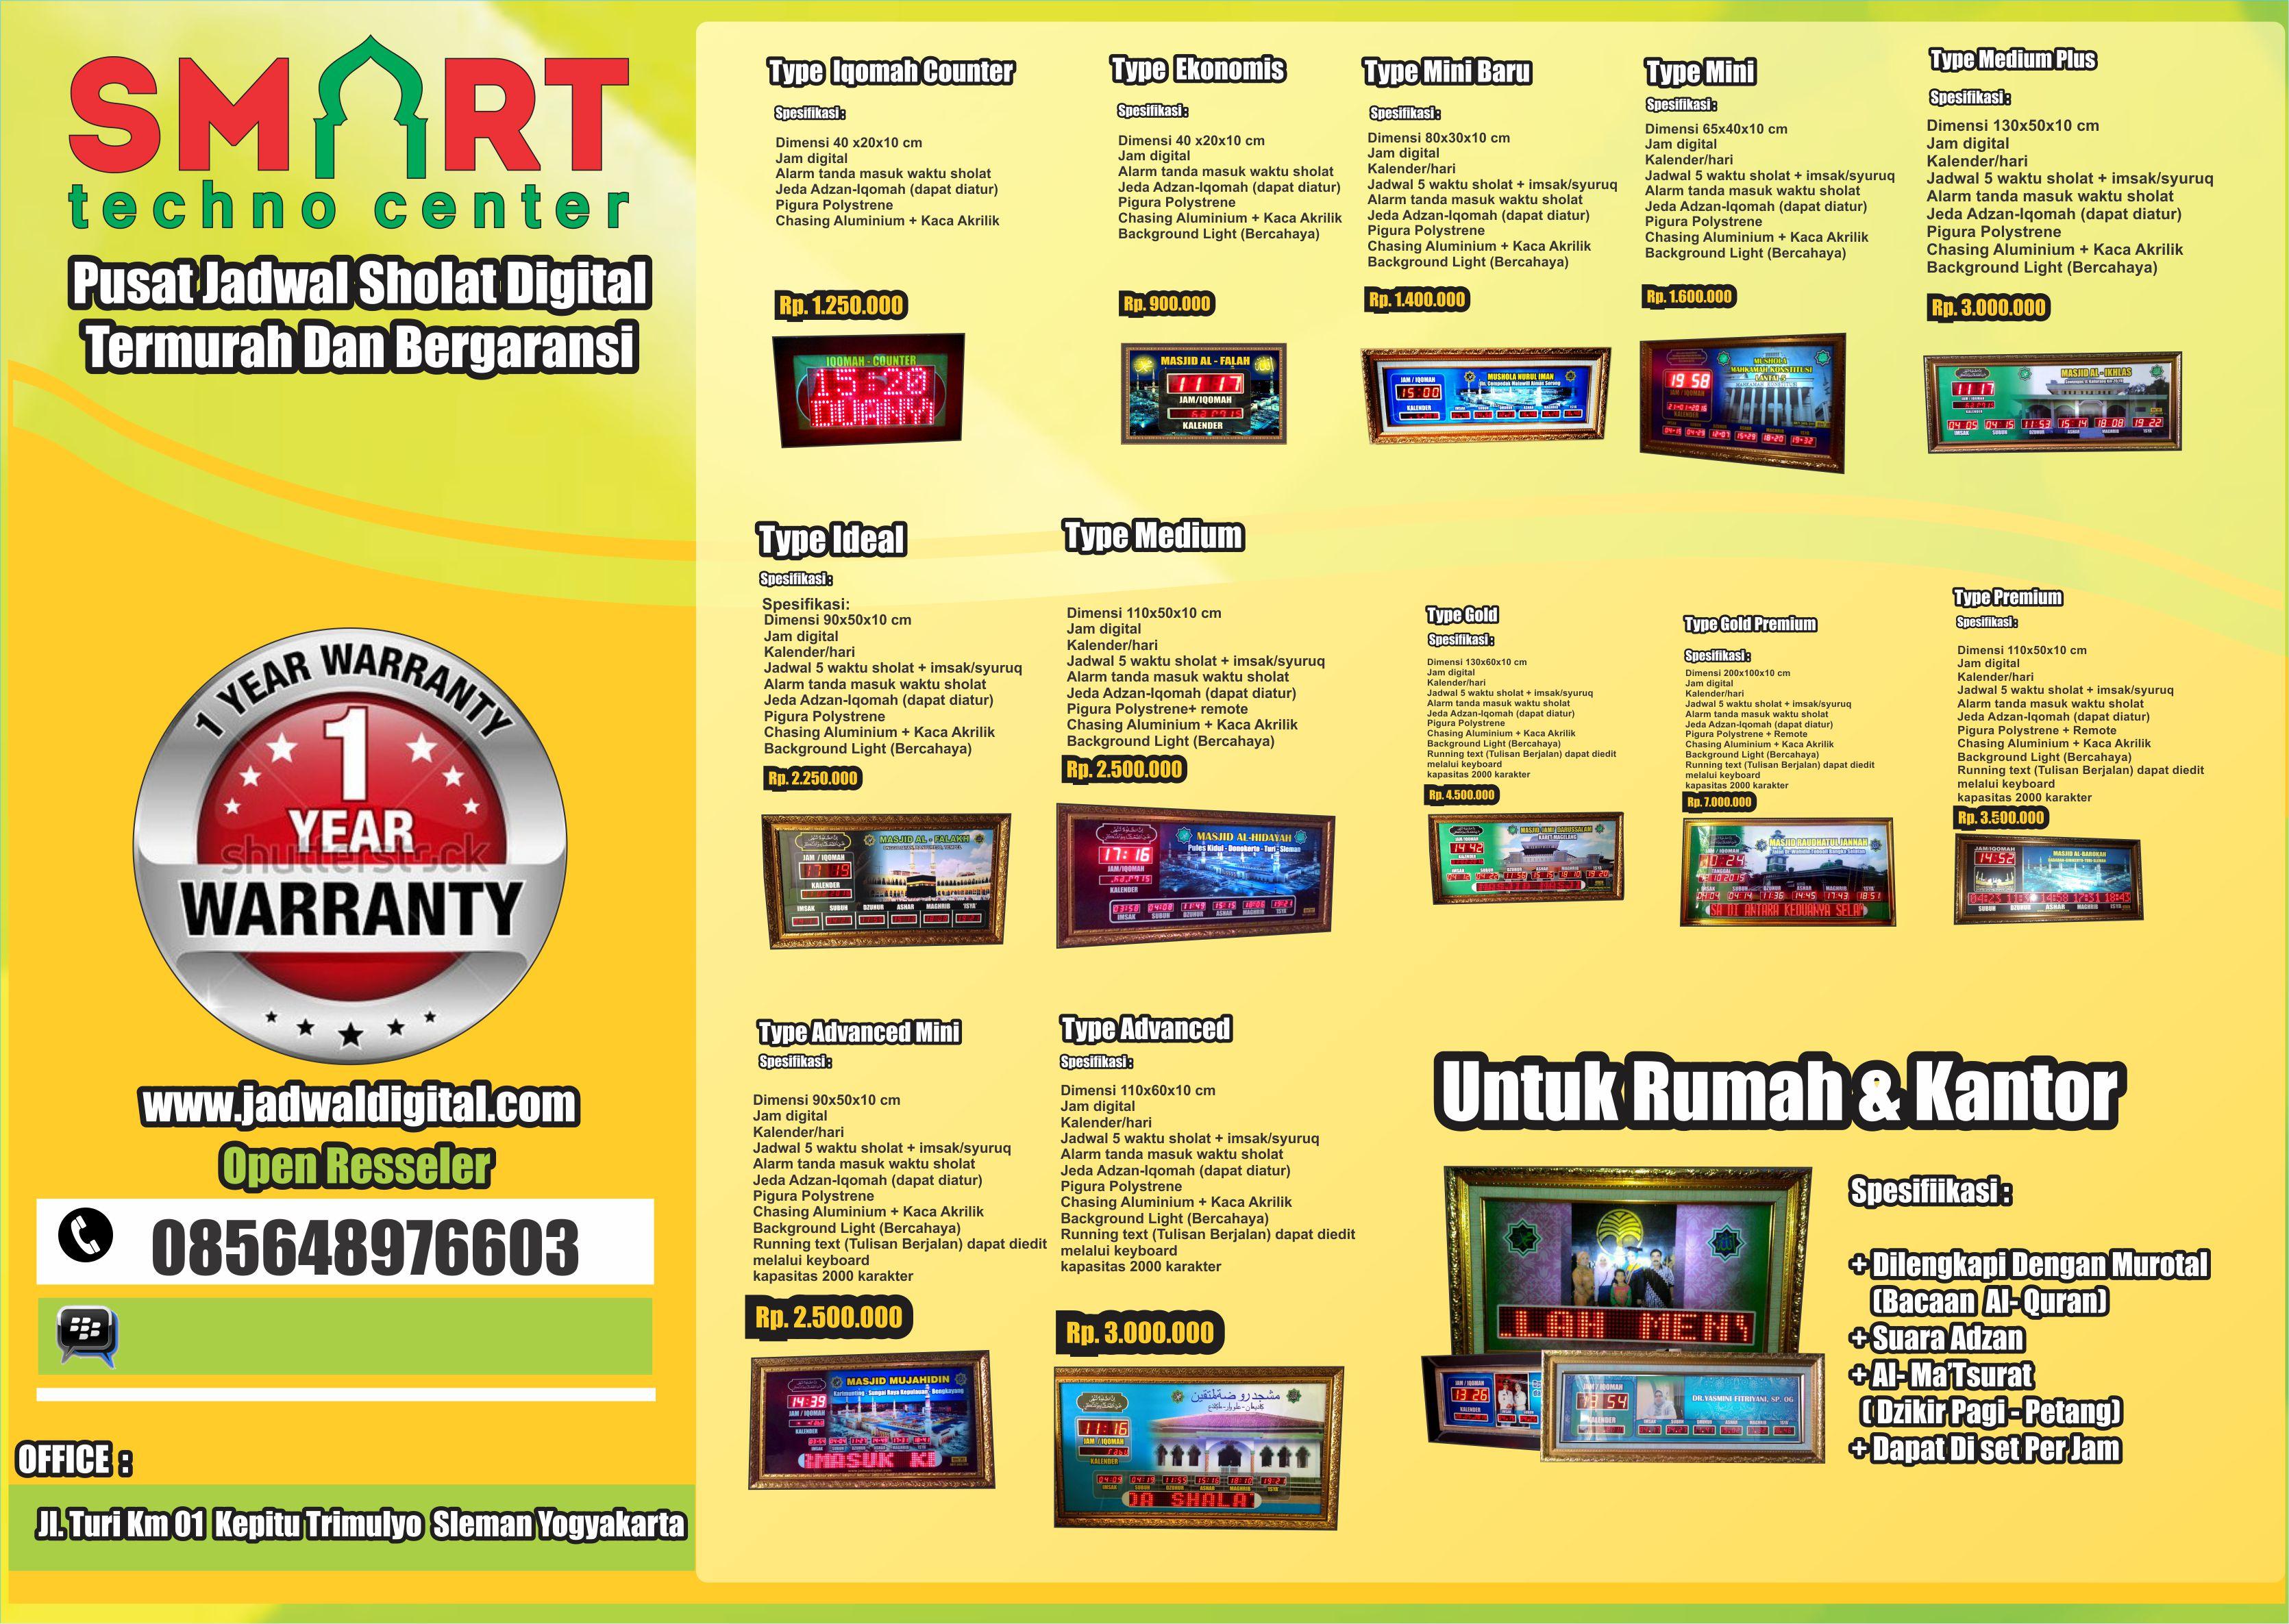 Harga Jadwal Sholat Digital Terbaru